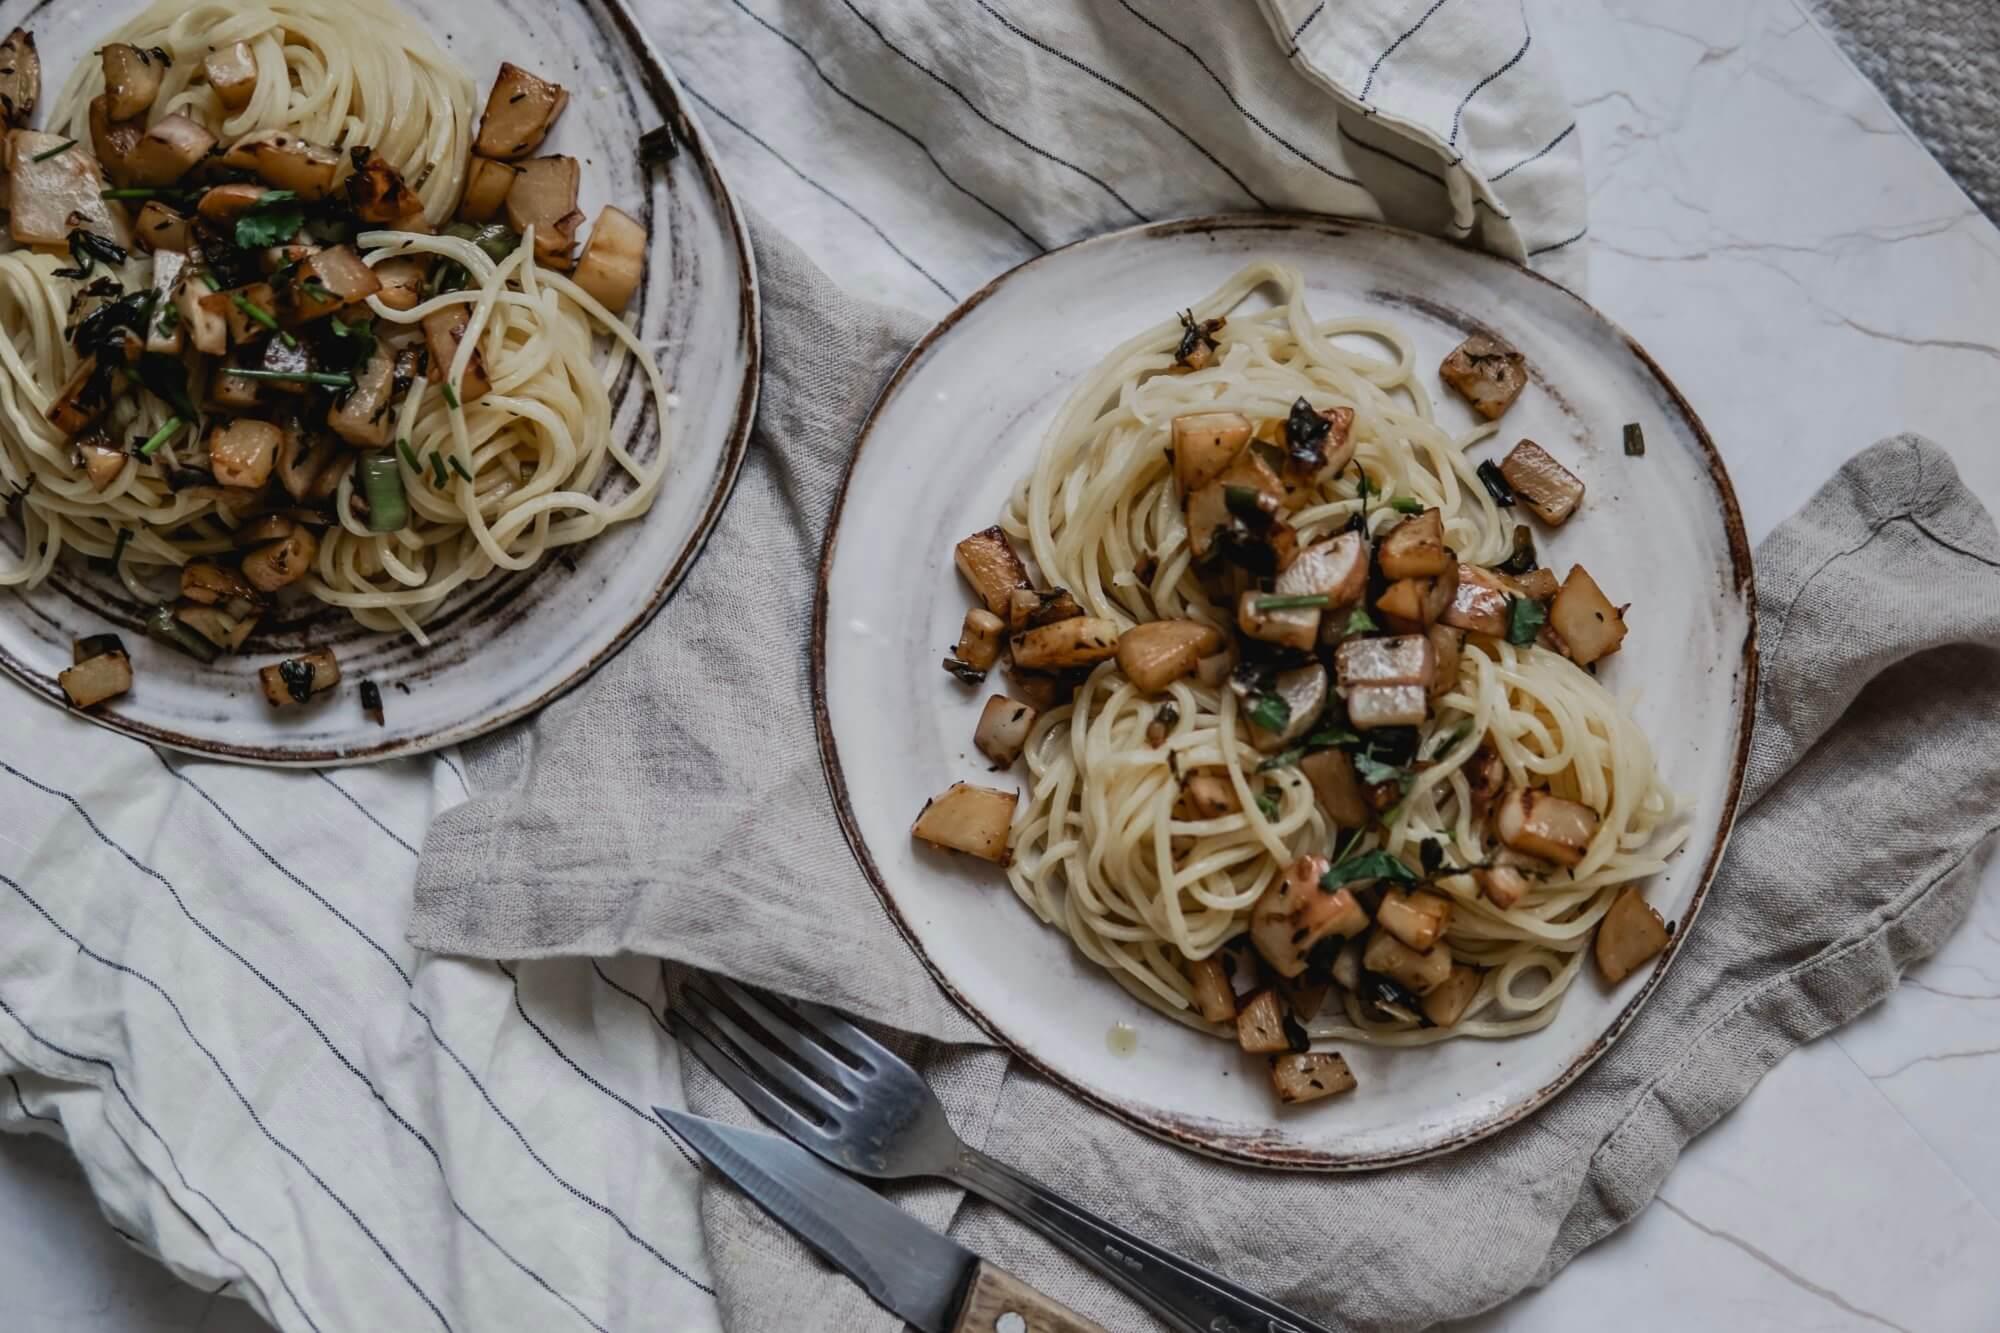 spaghetti au navets nouveaux - blog recette aswildchild